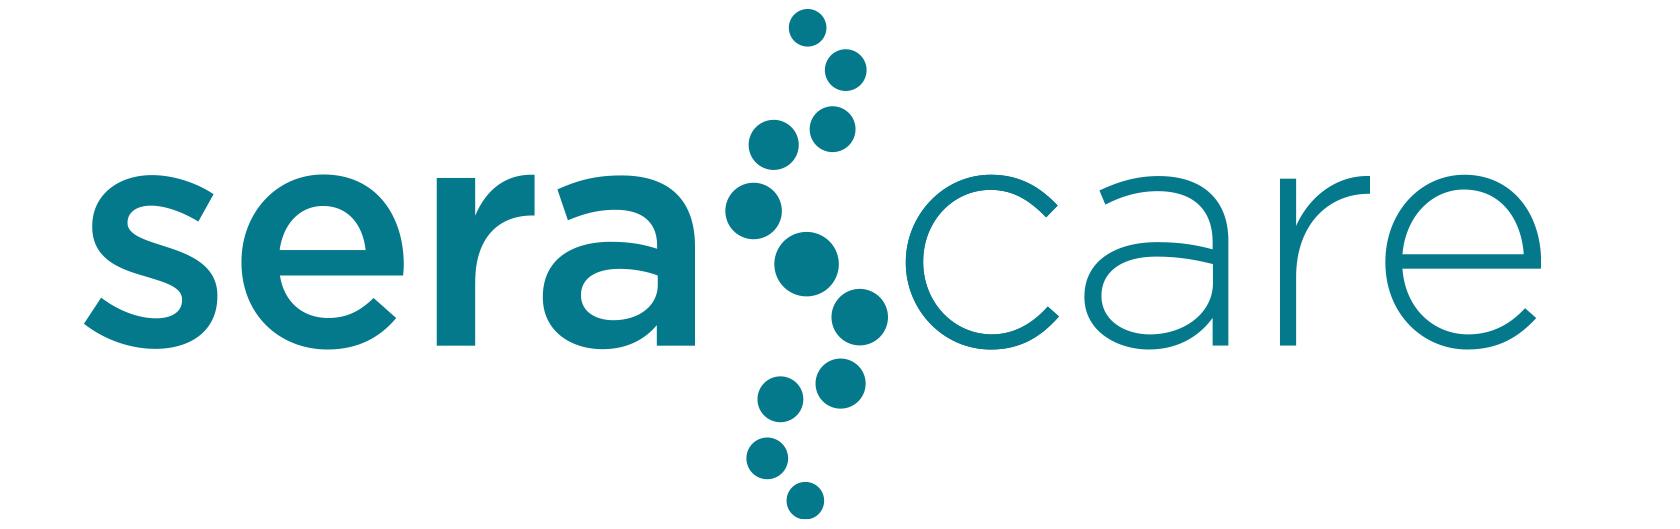 Seracare Life Sciences logo